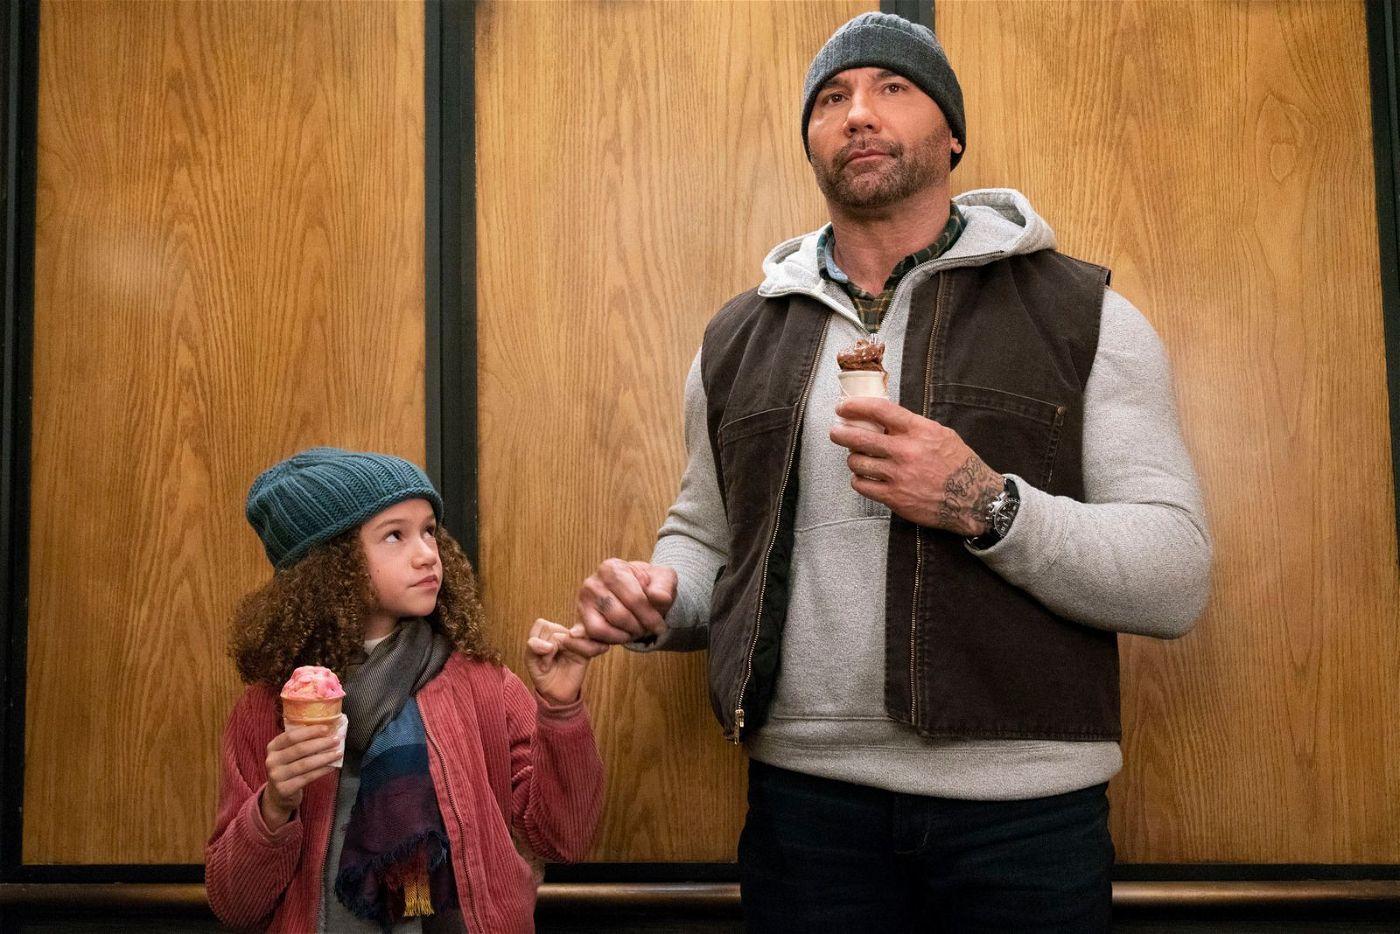 Agent JJ (Dave Bautista) hat plötzlich die kleine Sophie (Chloe Coleman) an der Backe.